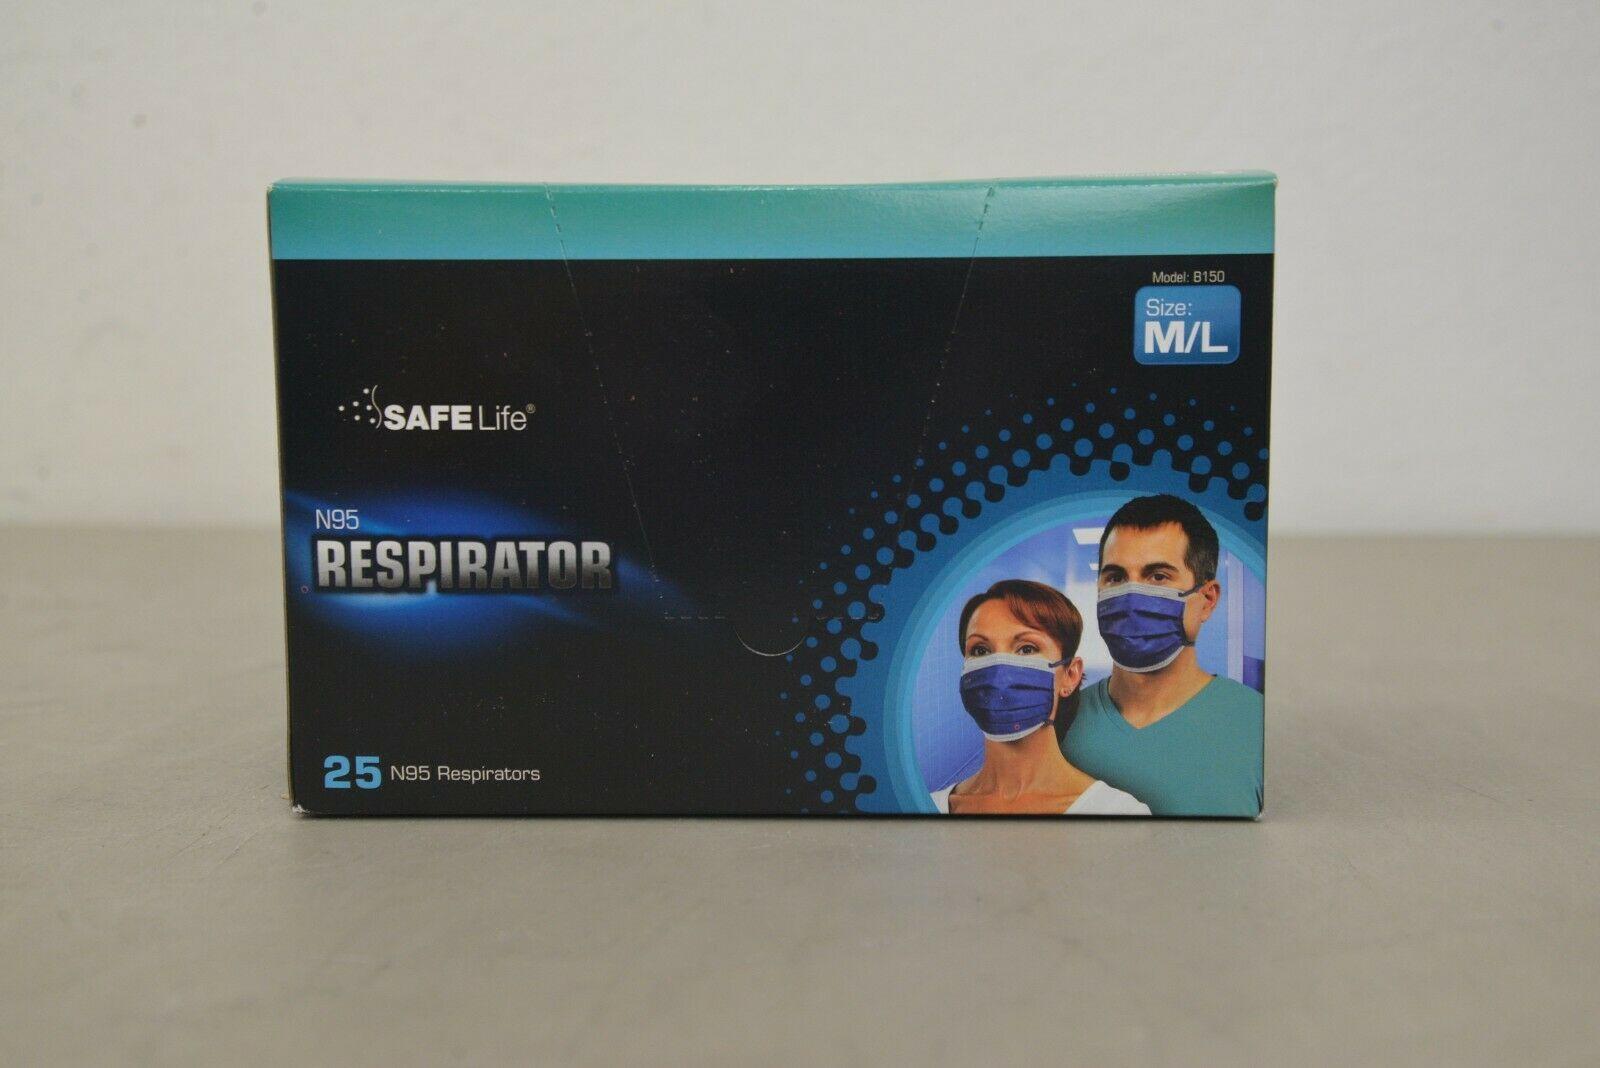 safelife n95 respirator